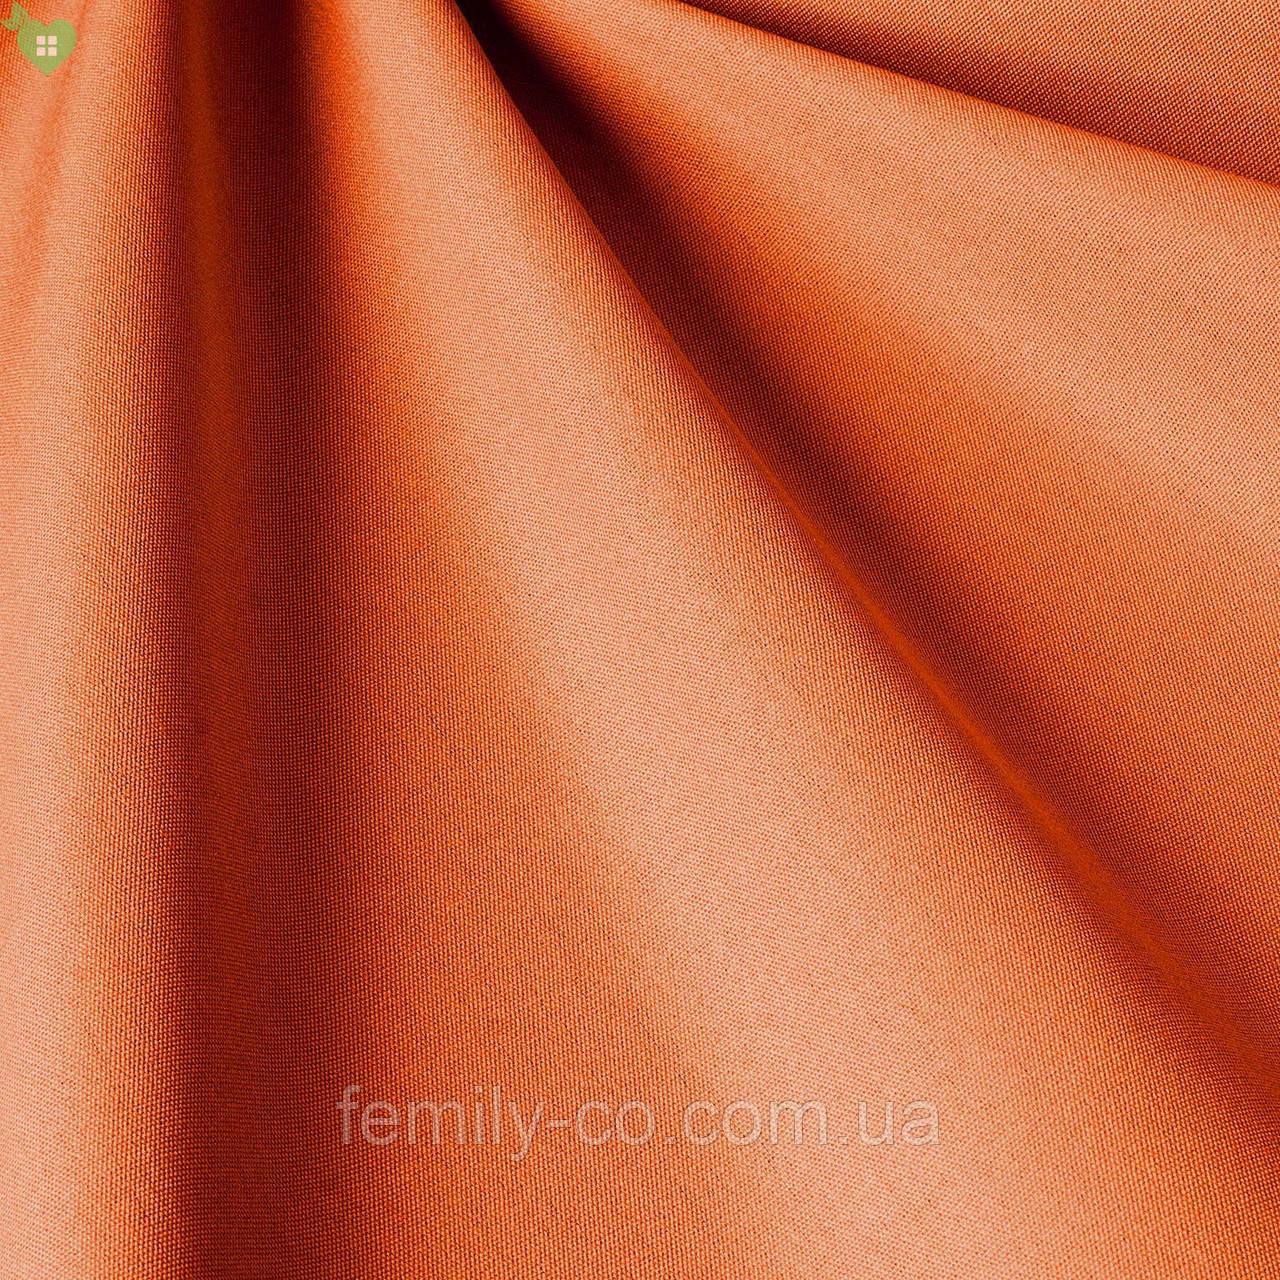 Однотонная уличная ткань оранжево-красного цвета акрил Испания 83377v5